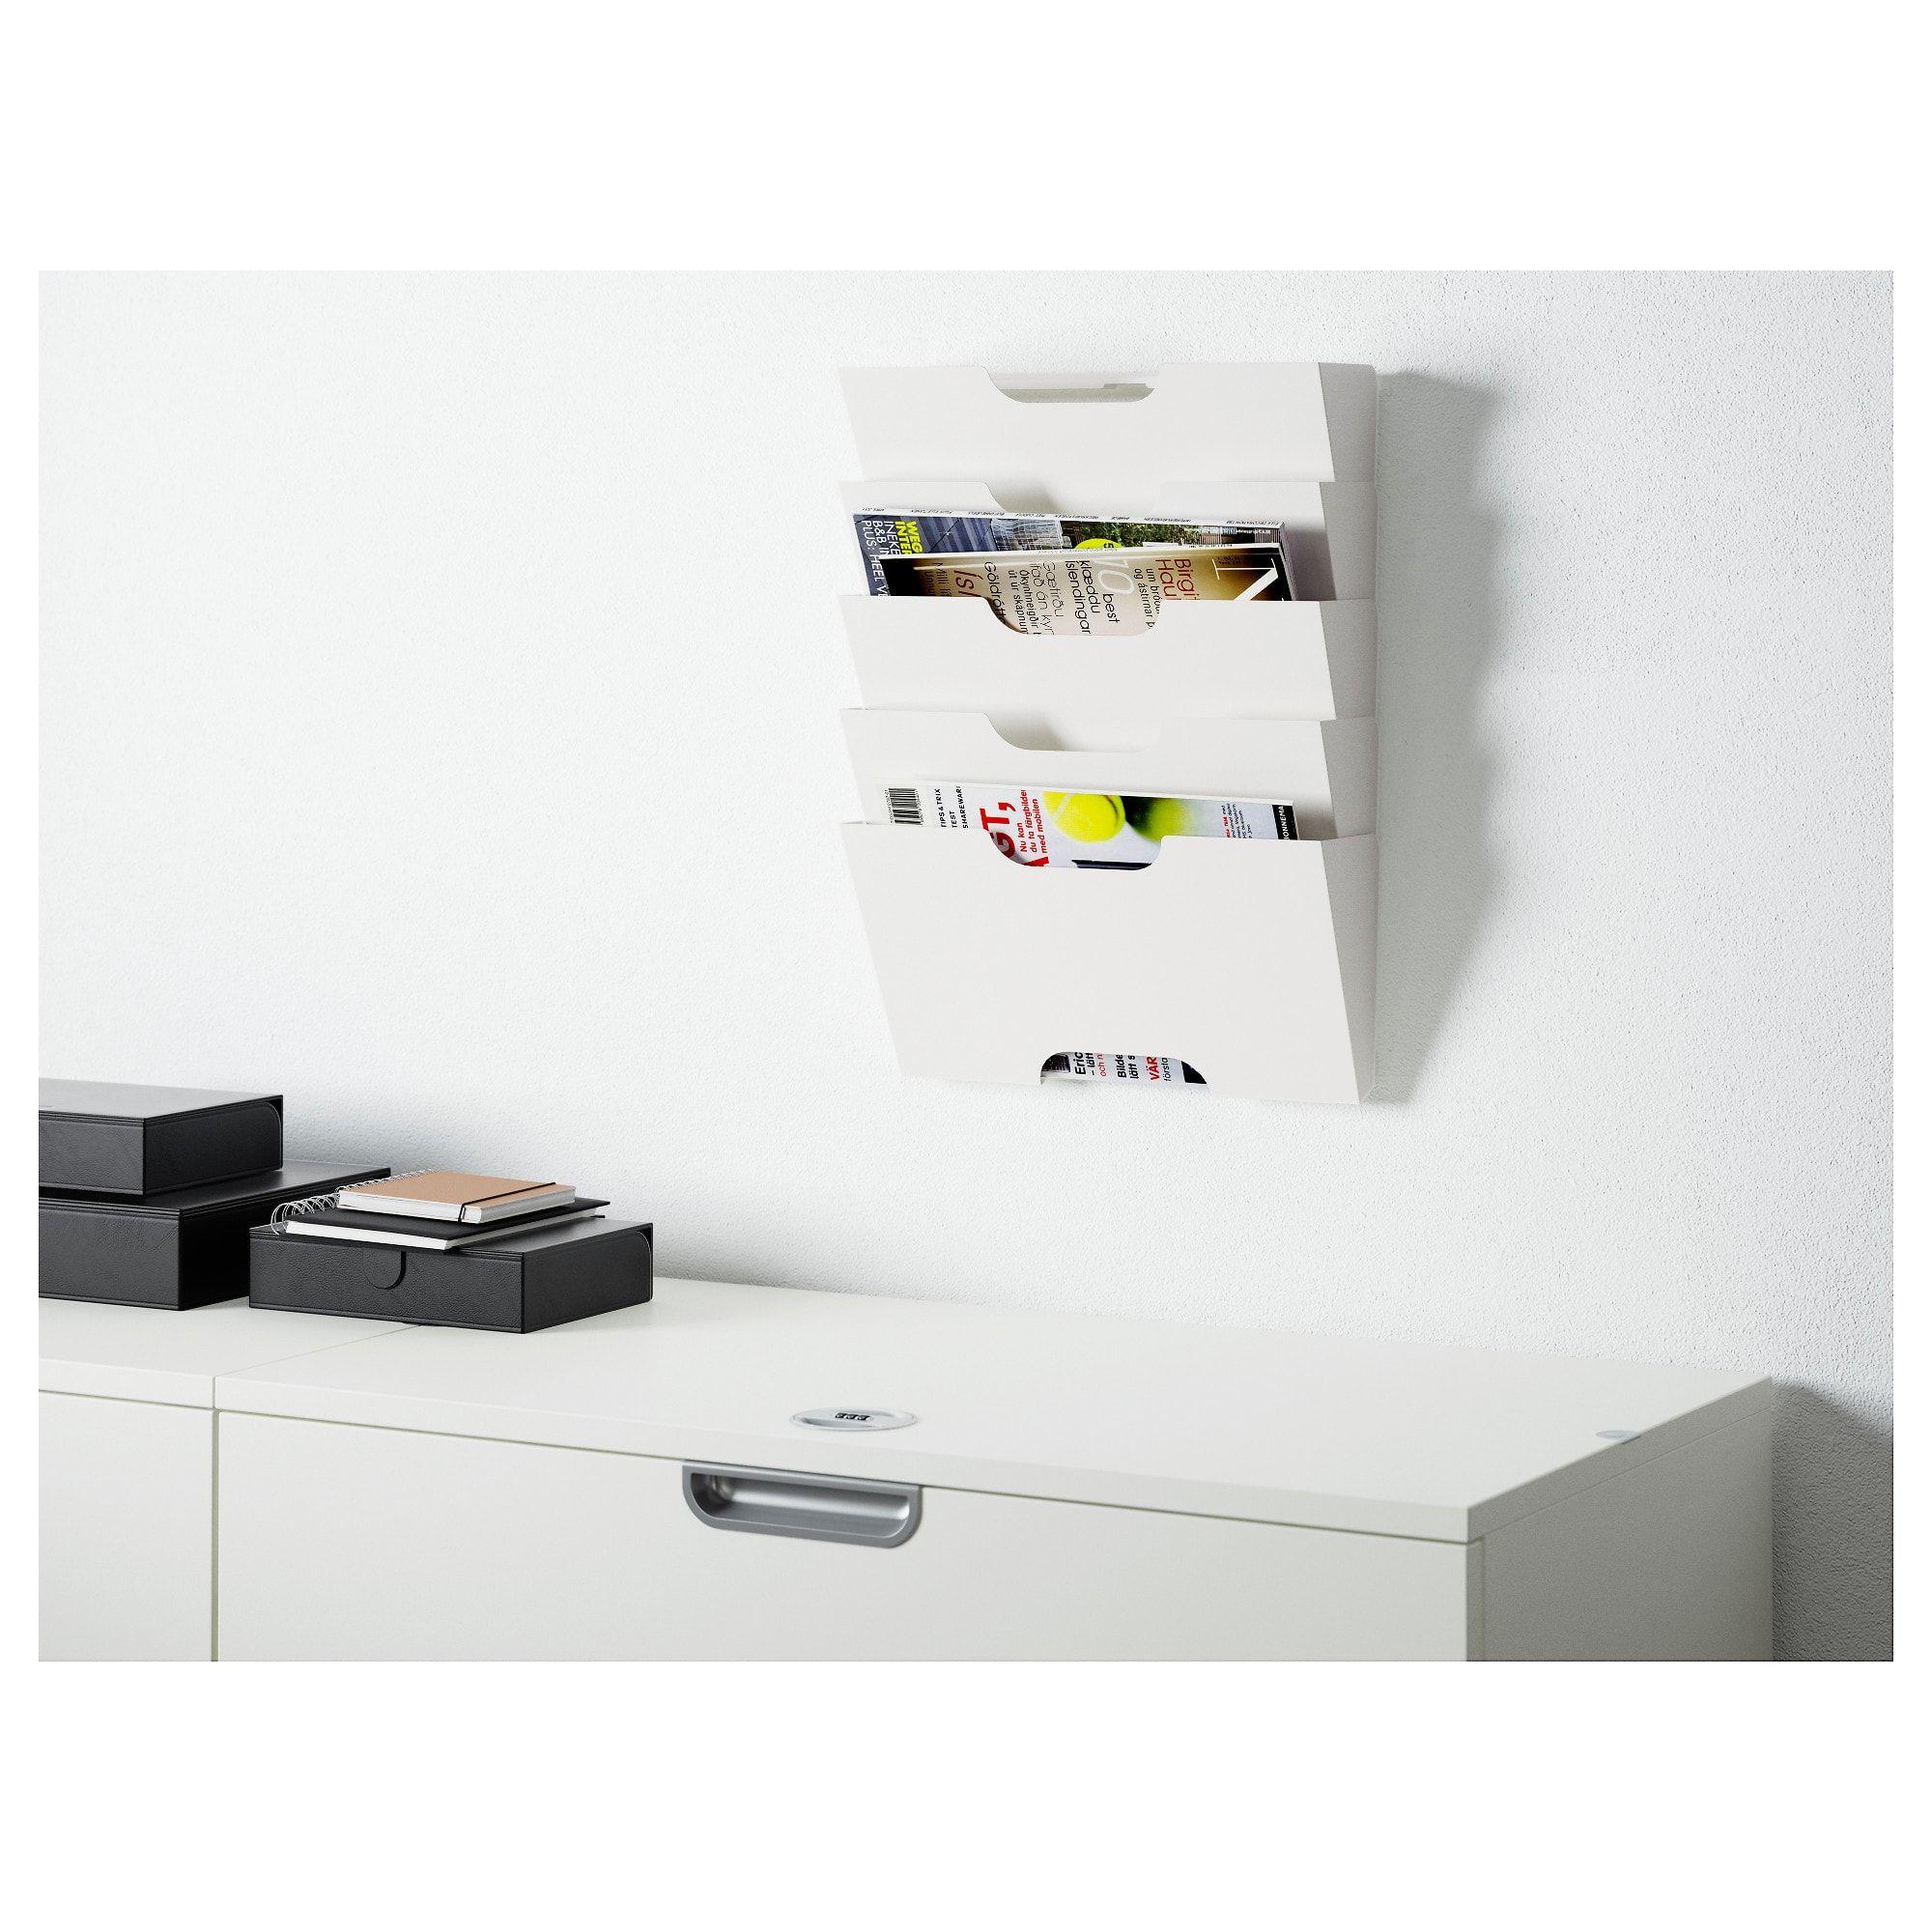 Kvissle Range Journaux Mural Ikea Maison Ikea Rangement Porte Document Mural